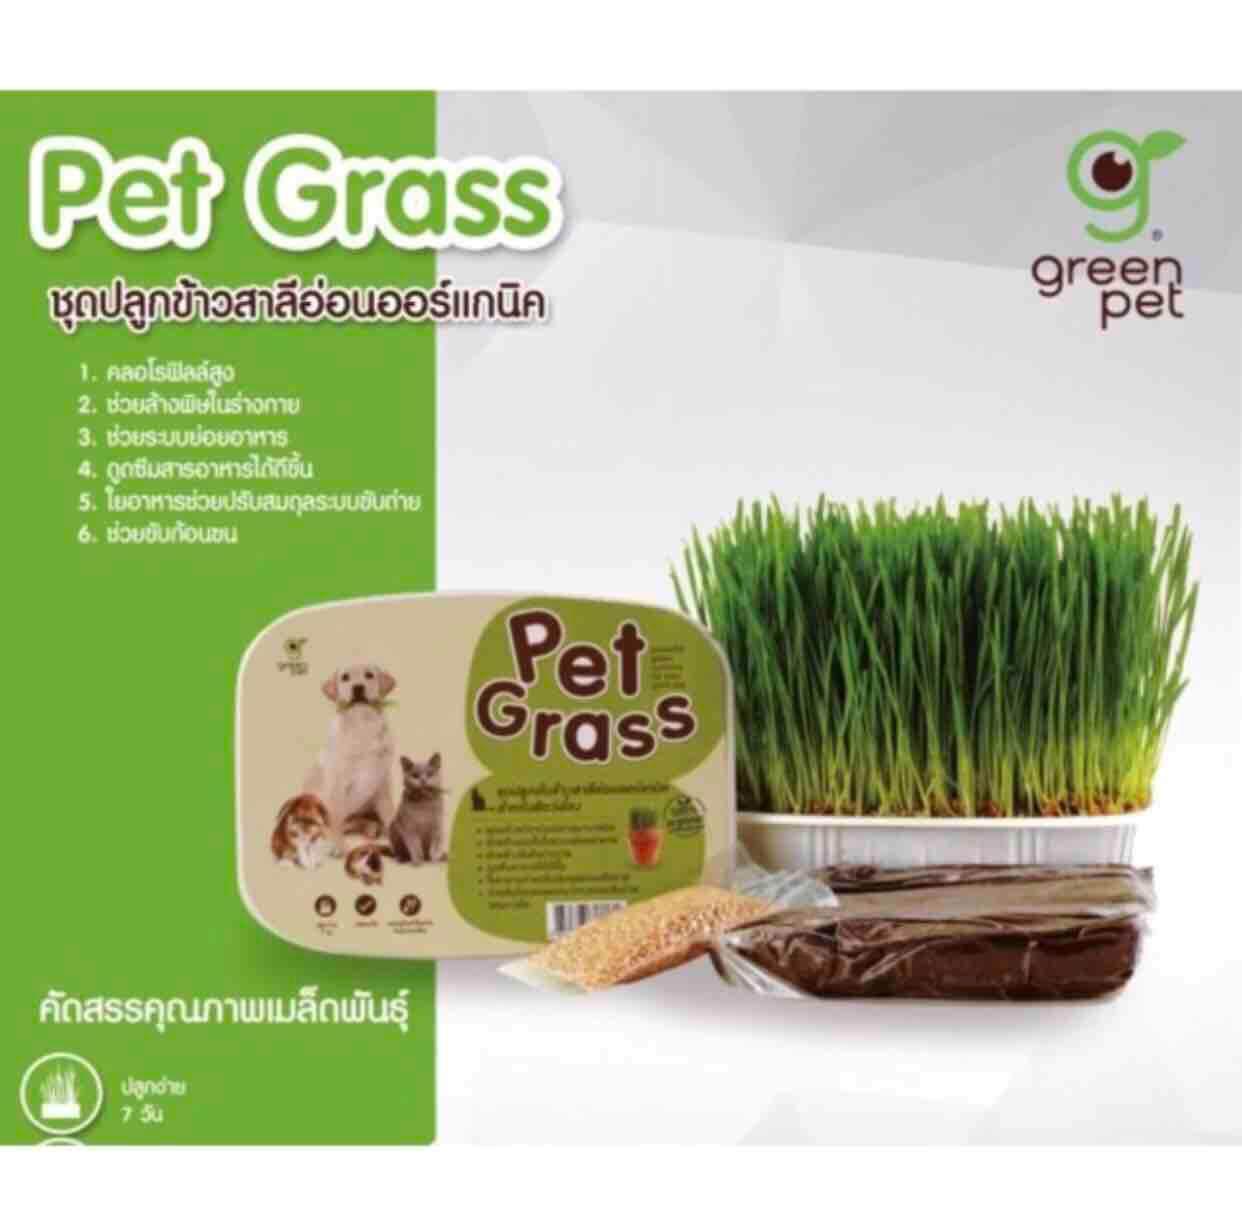 ขายดีมาก! Pet Grass ชุดปลูกข้าวสาลี ออร์แกนิก สำหรับสัตว์เลี้ยง +ส่ง Kerry+